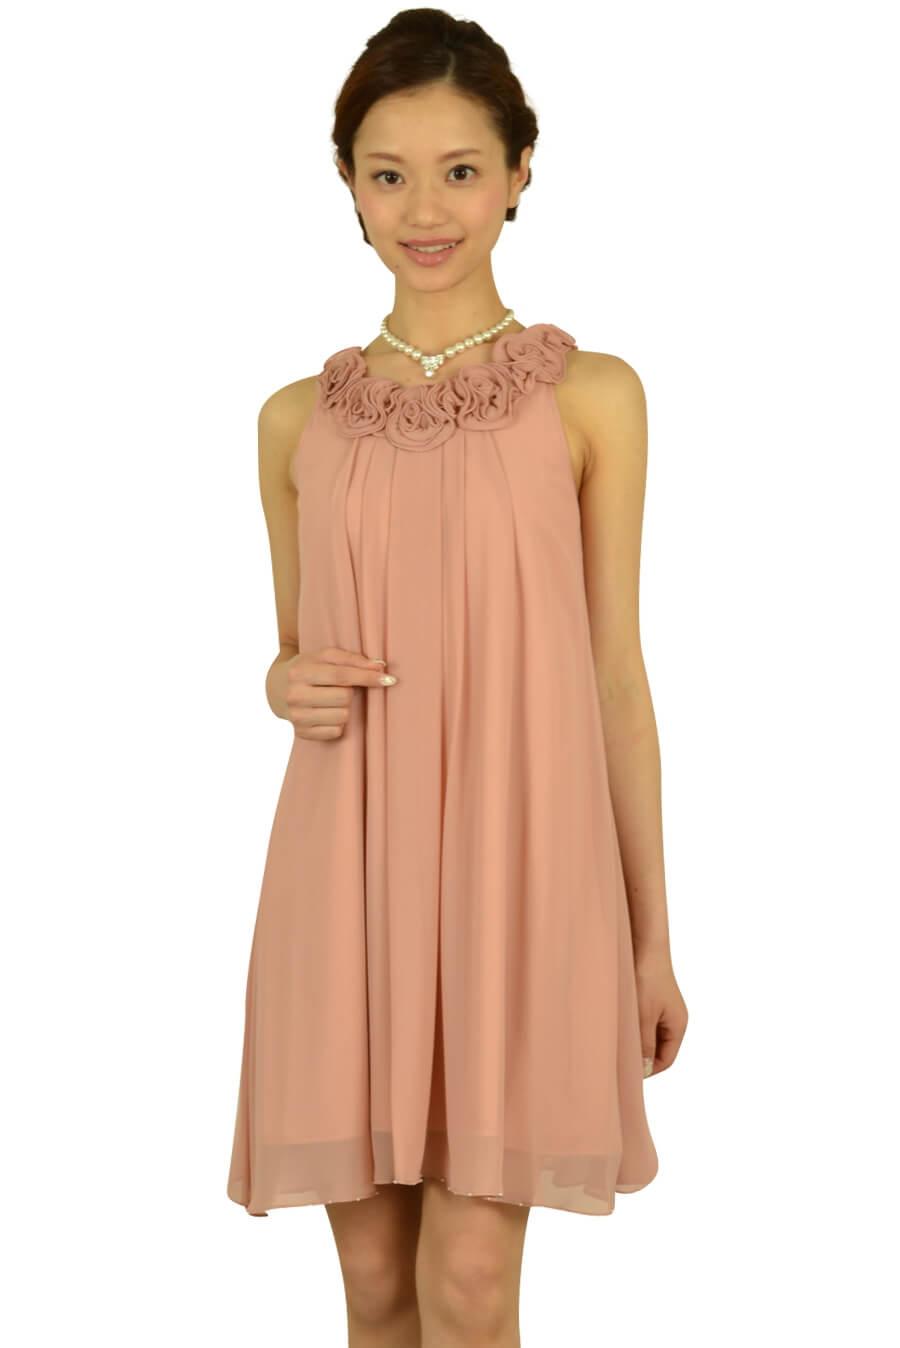 ドーリードール (Dorry Doll)ピンクカラーローズドレス